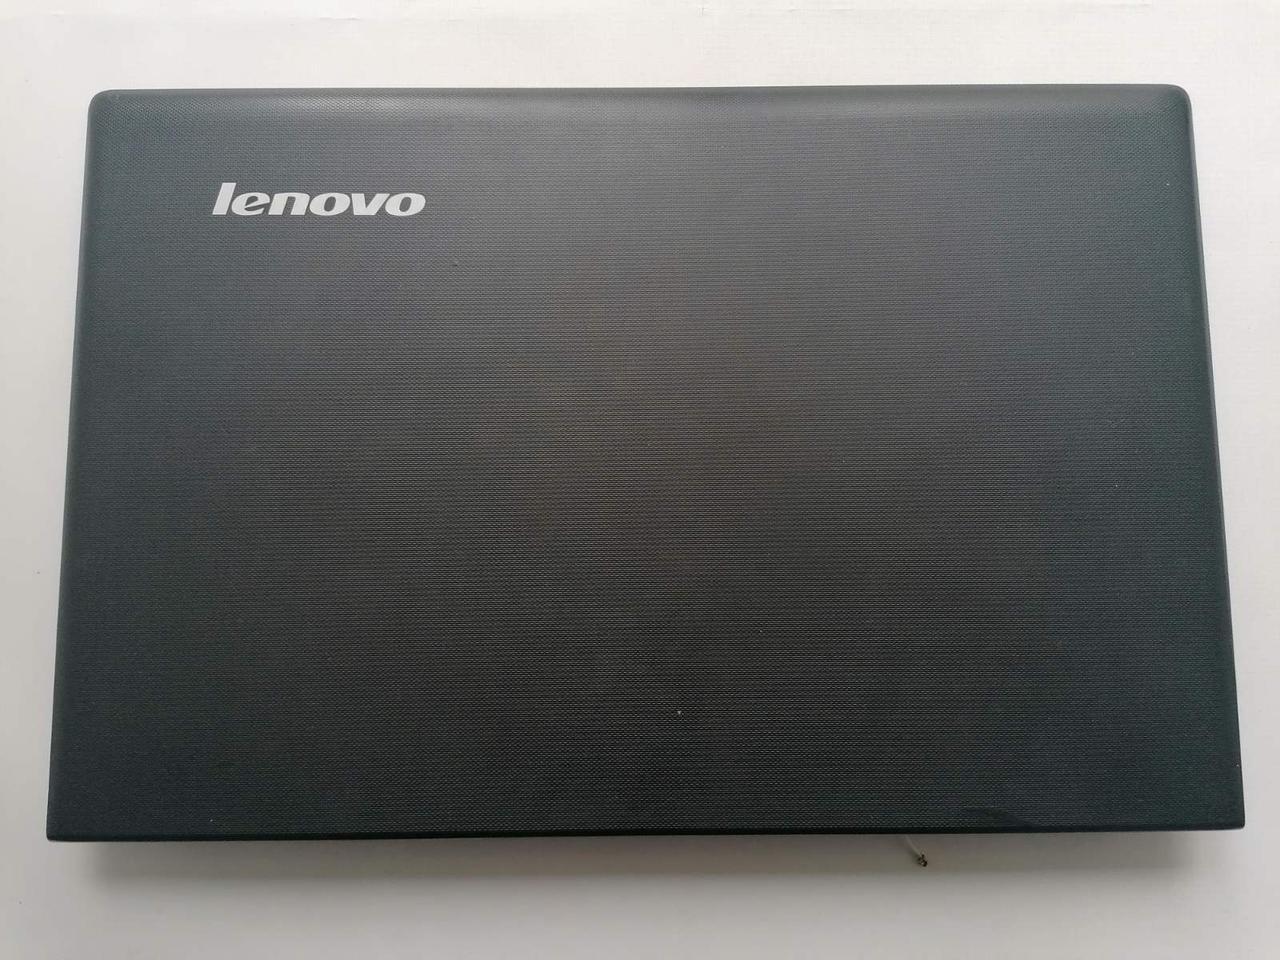 Б/У корпус крышка матрицы для LENOVO G500, G505, G510 (AP0Y0000B00)